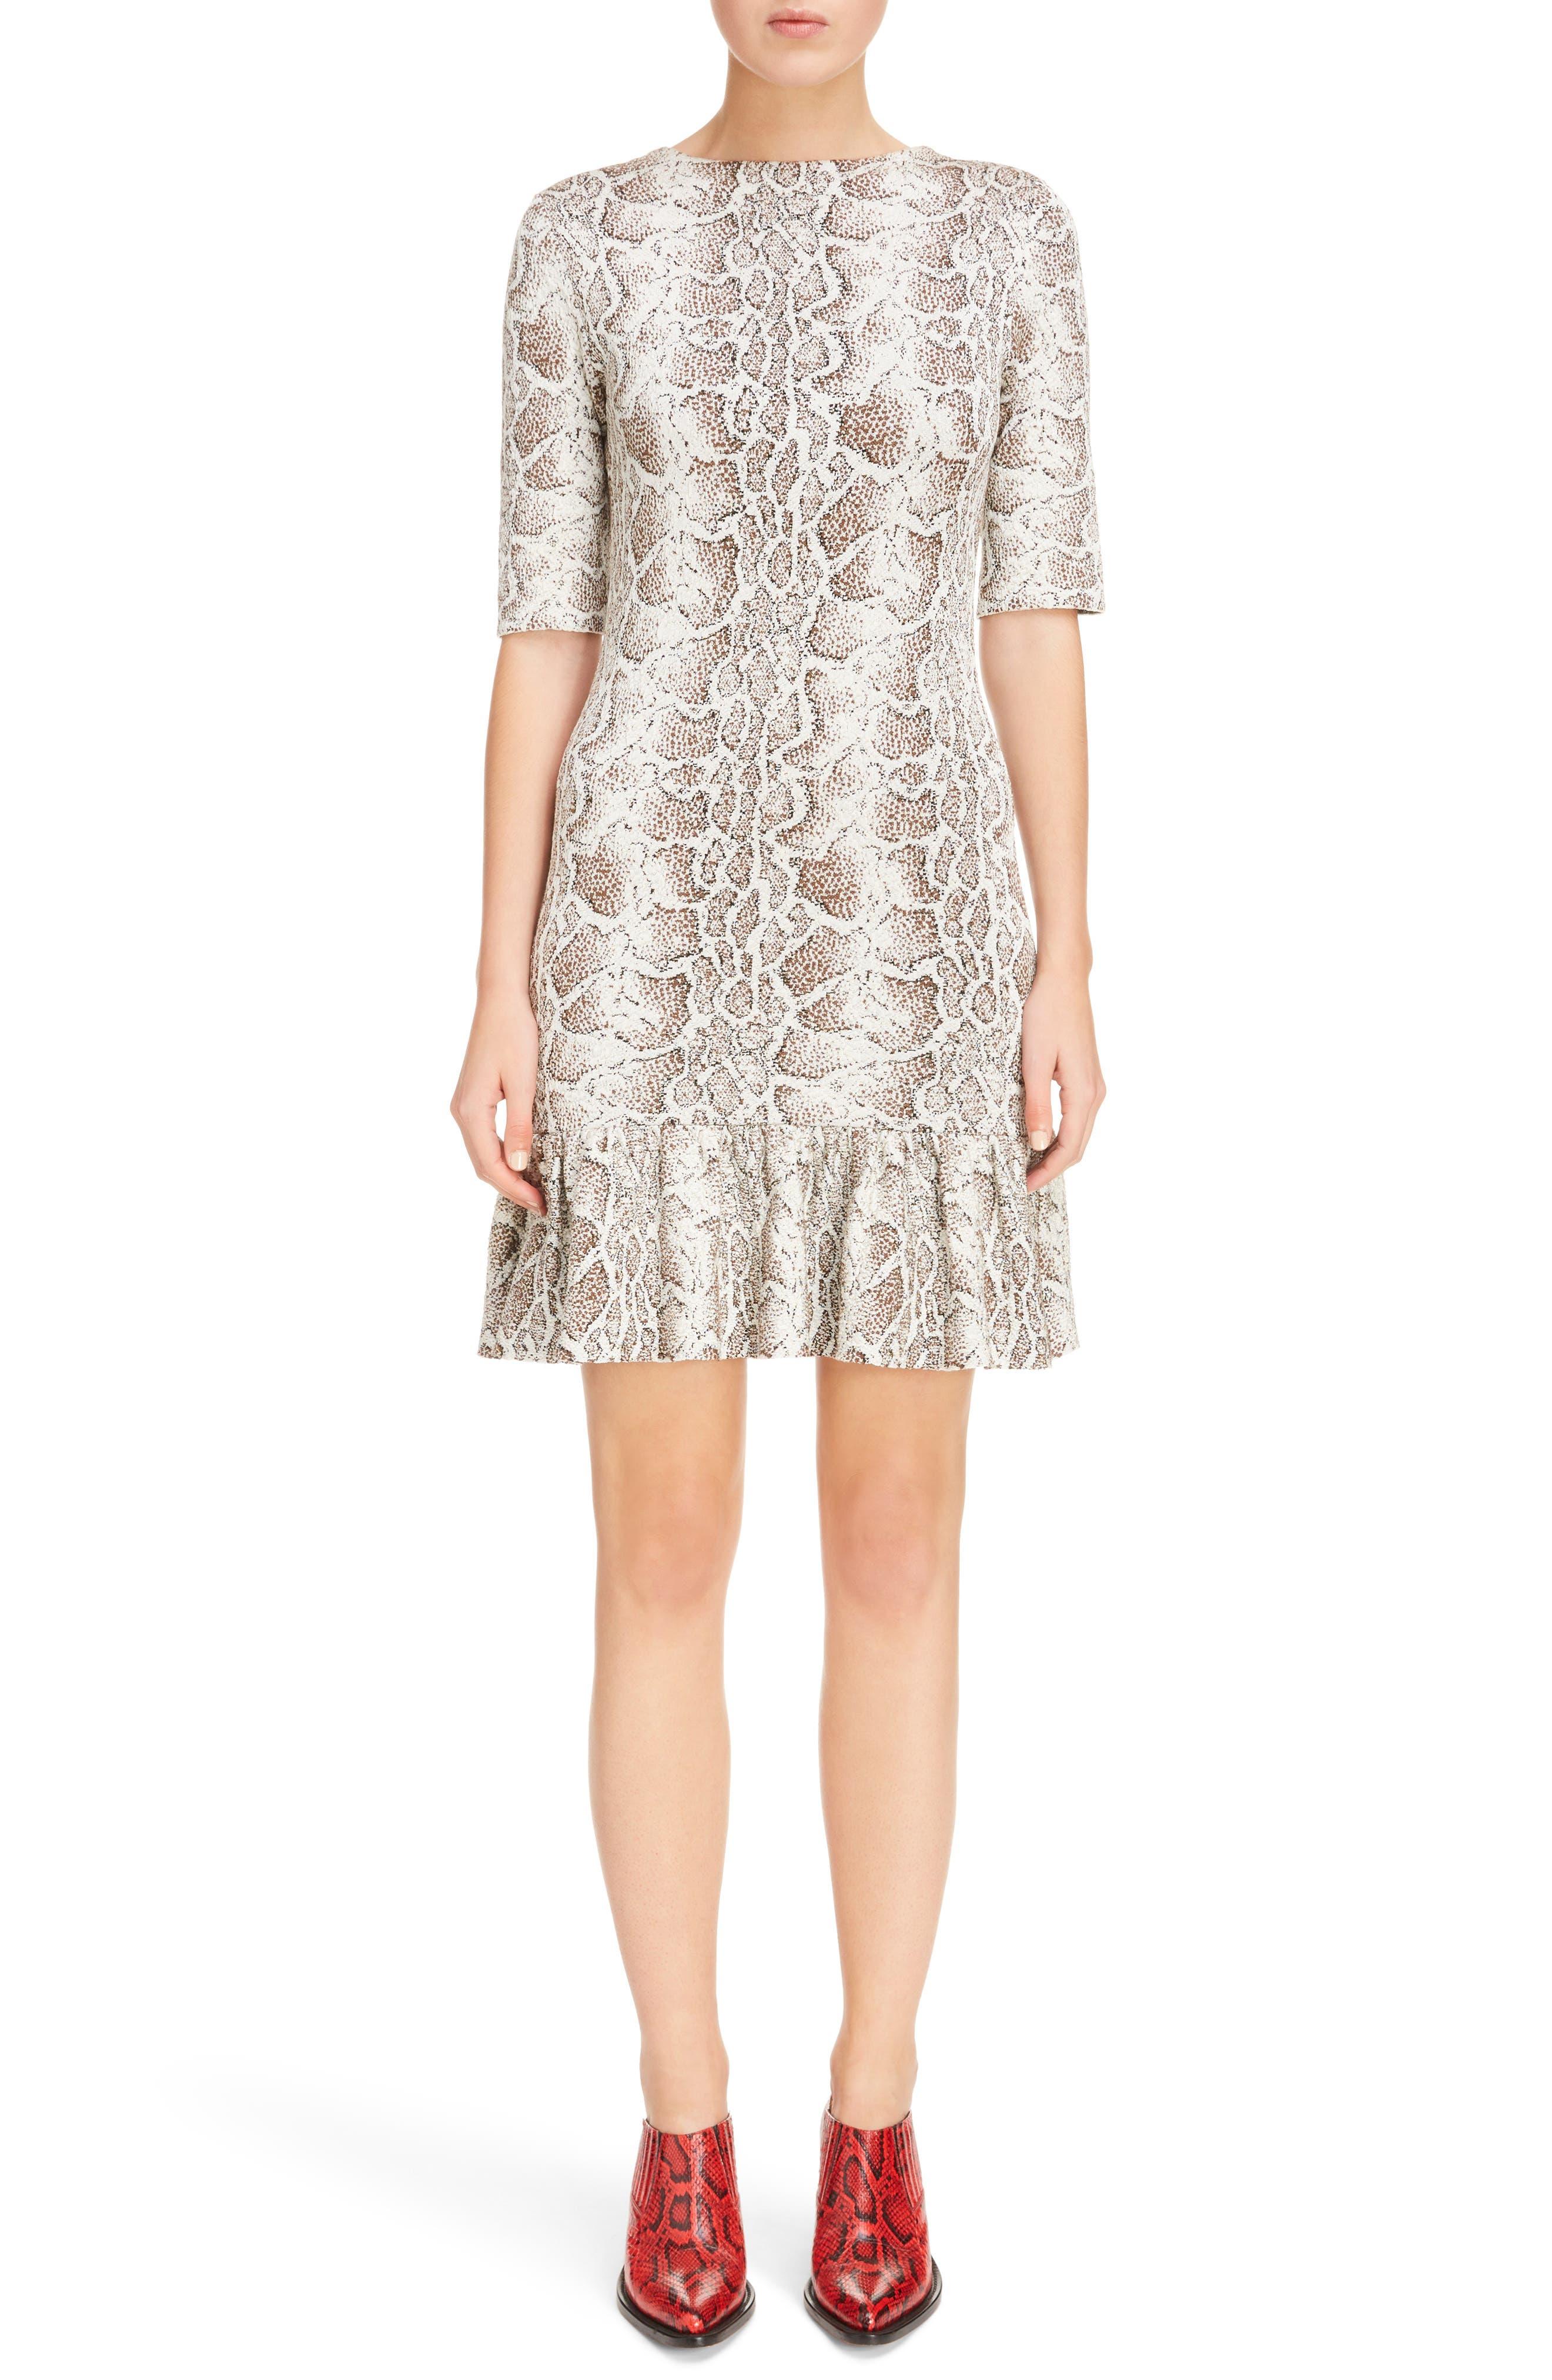 Python Jacquard Ruffle Hem Dress,                             Main thumbnail 1, color,                             240